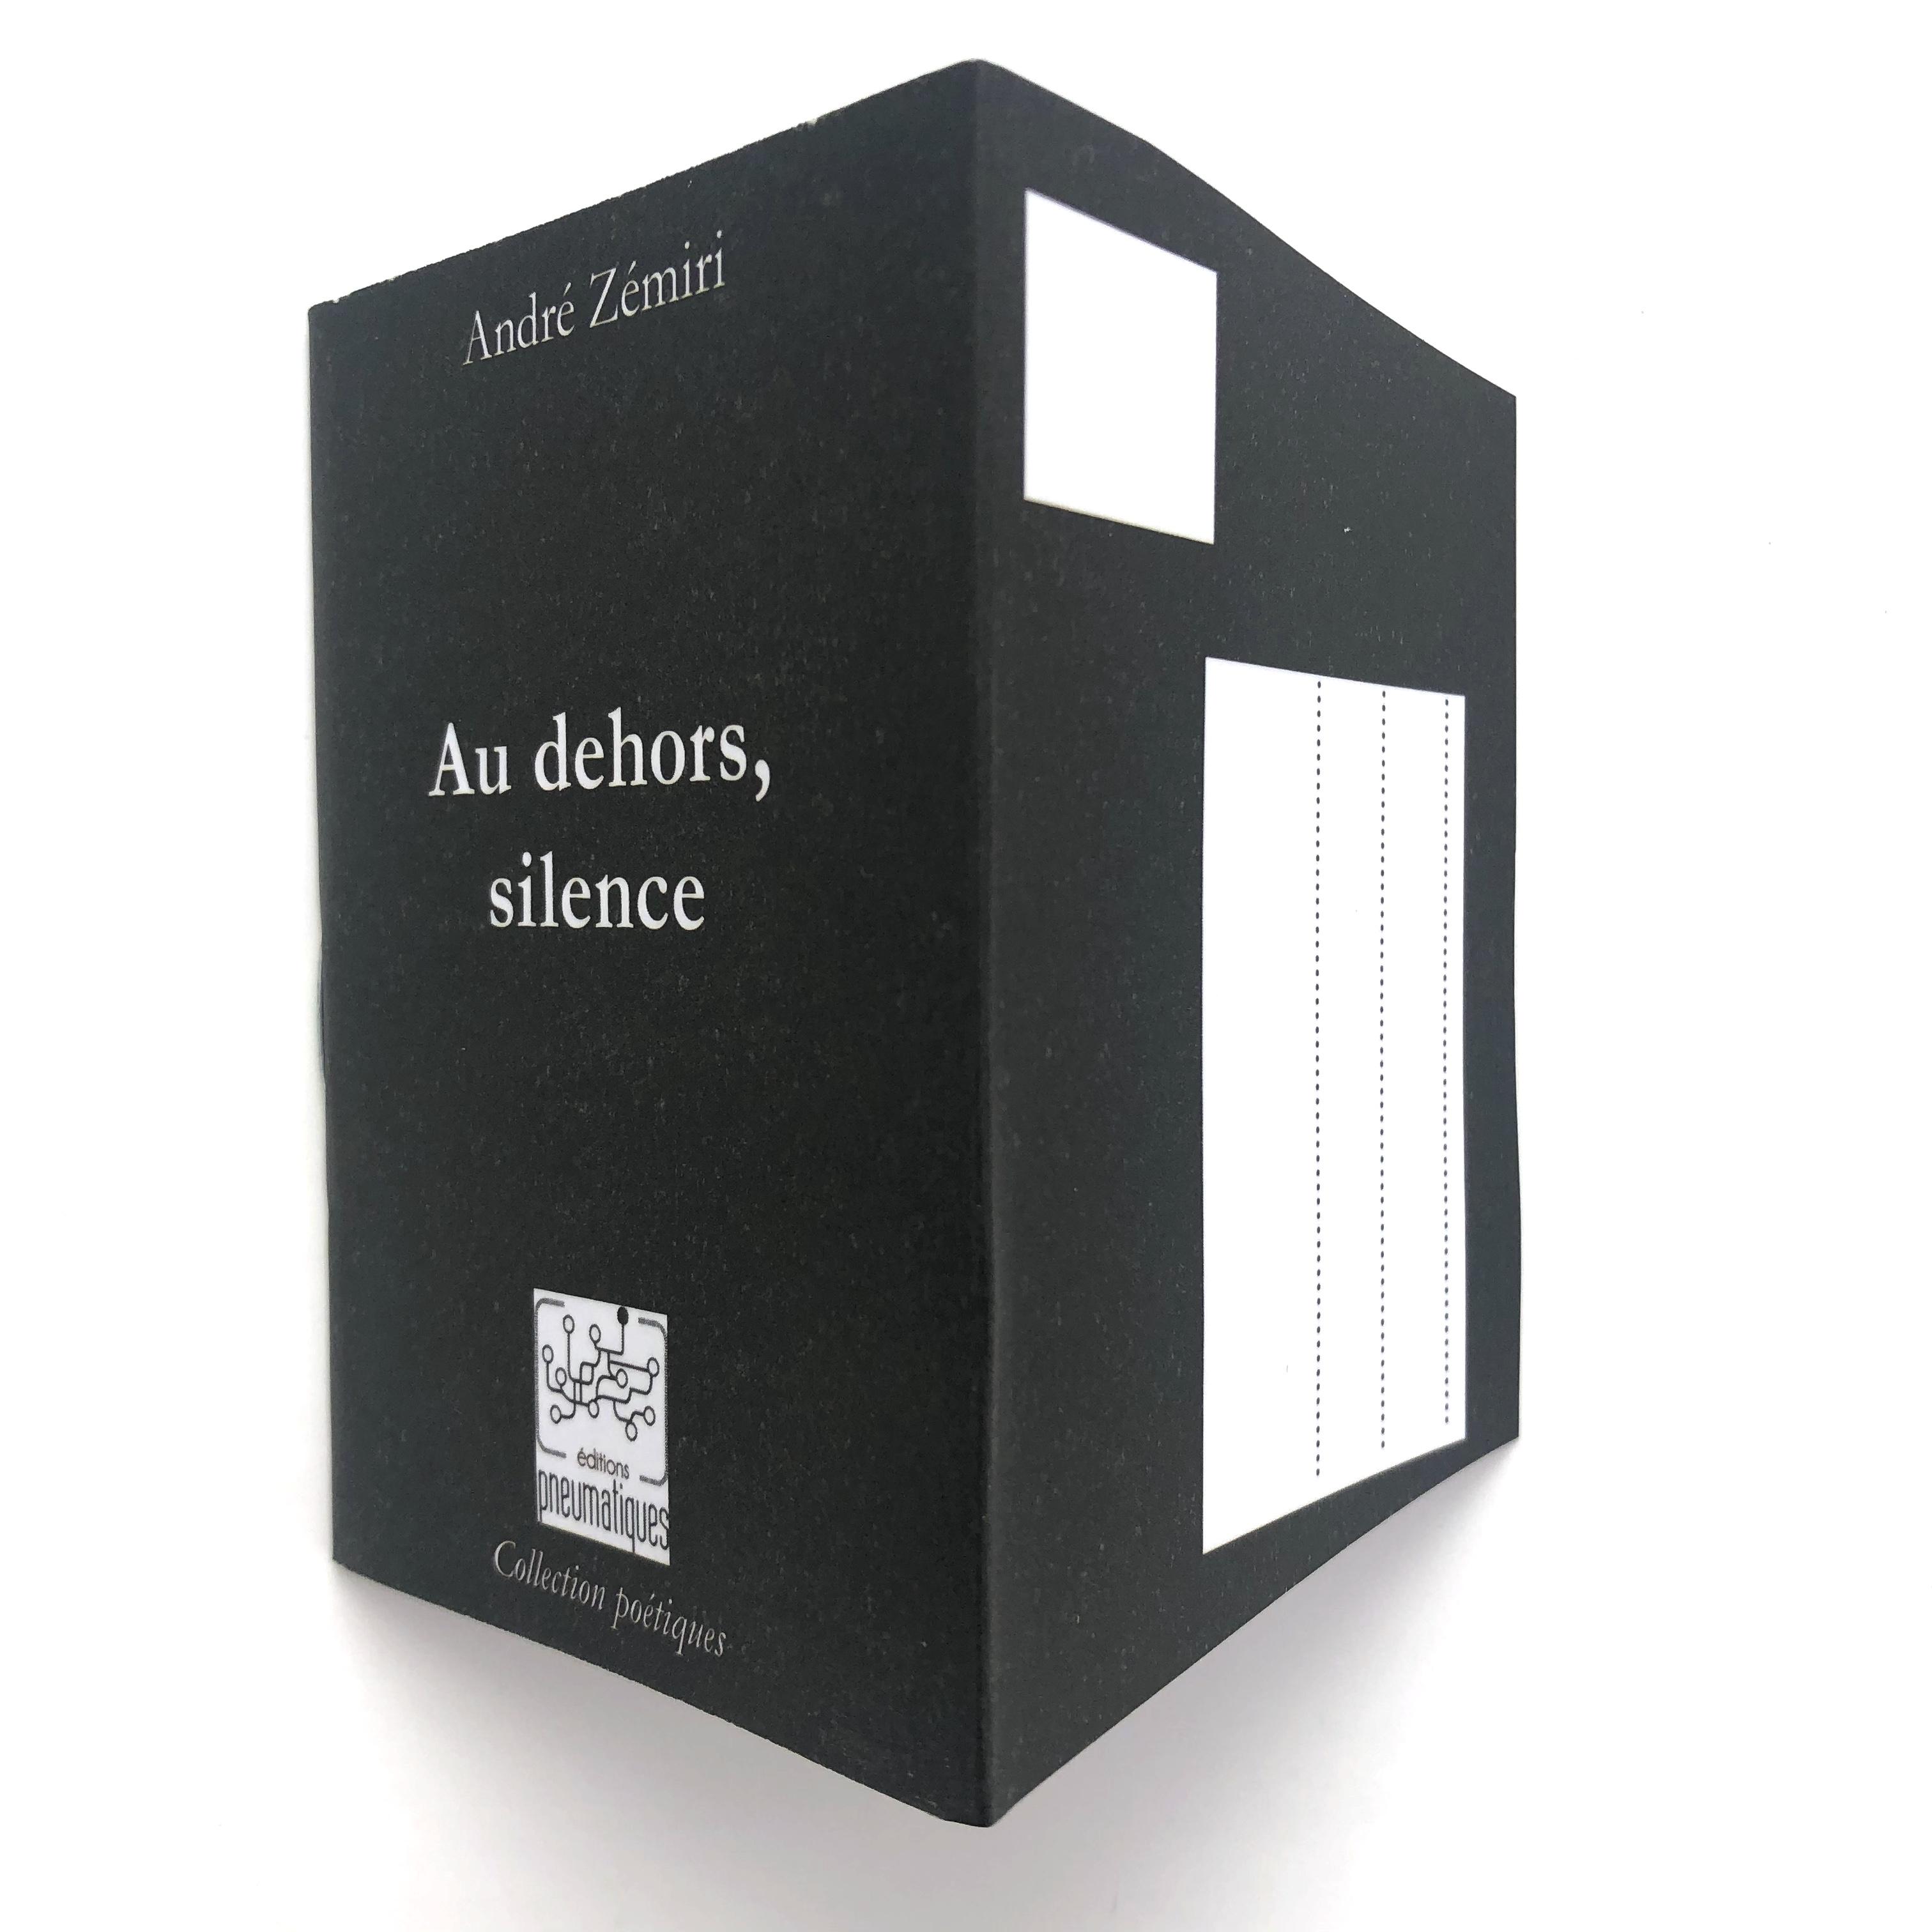 Nouvelle à poster de André Zémiri, Au dehors le silence, disponible chez les Éditions pneumatiques